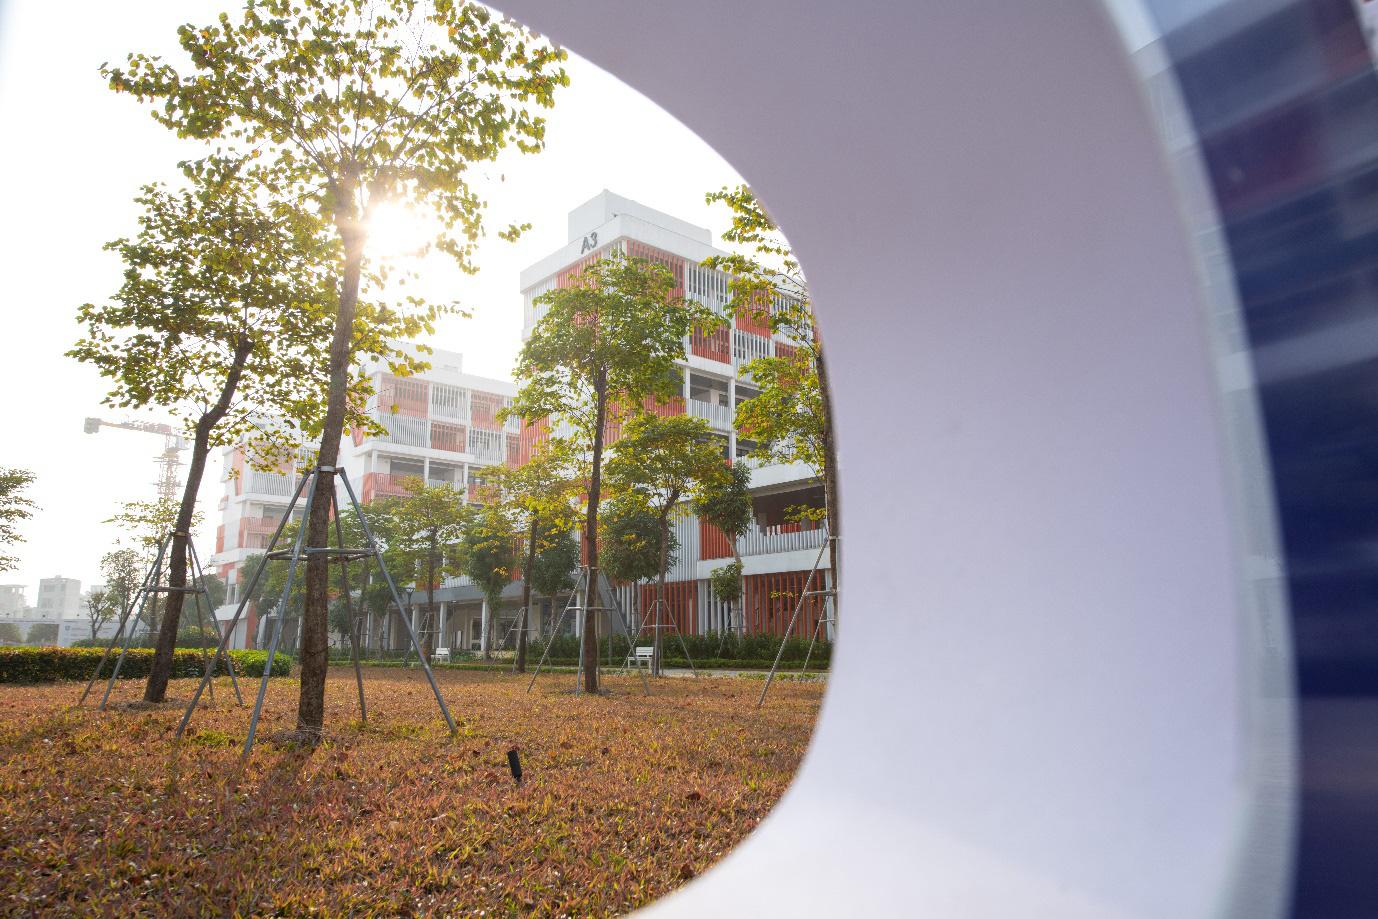 Ngôi trường trong mơ của gen Z đã thật sự xuất hiện ở Hà Nội - Ảnh 2.